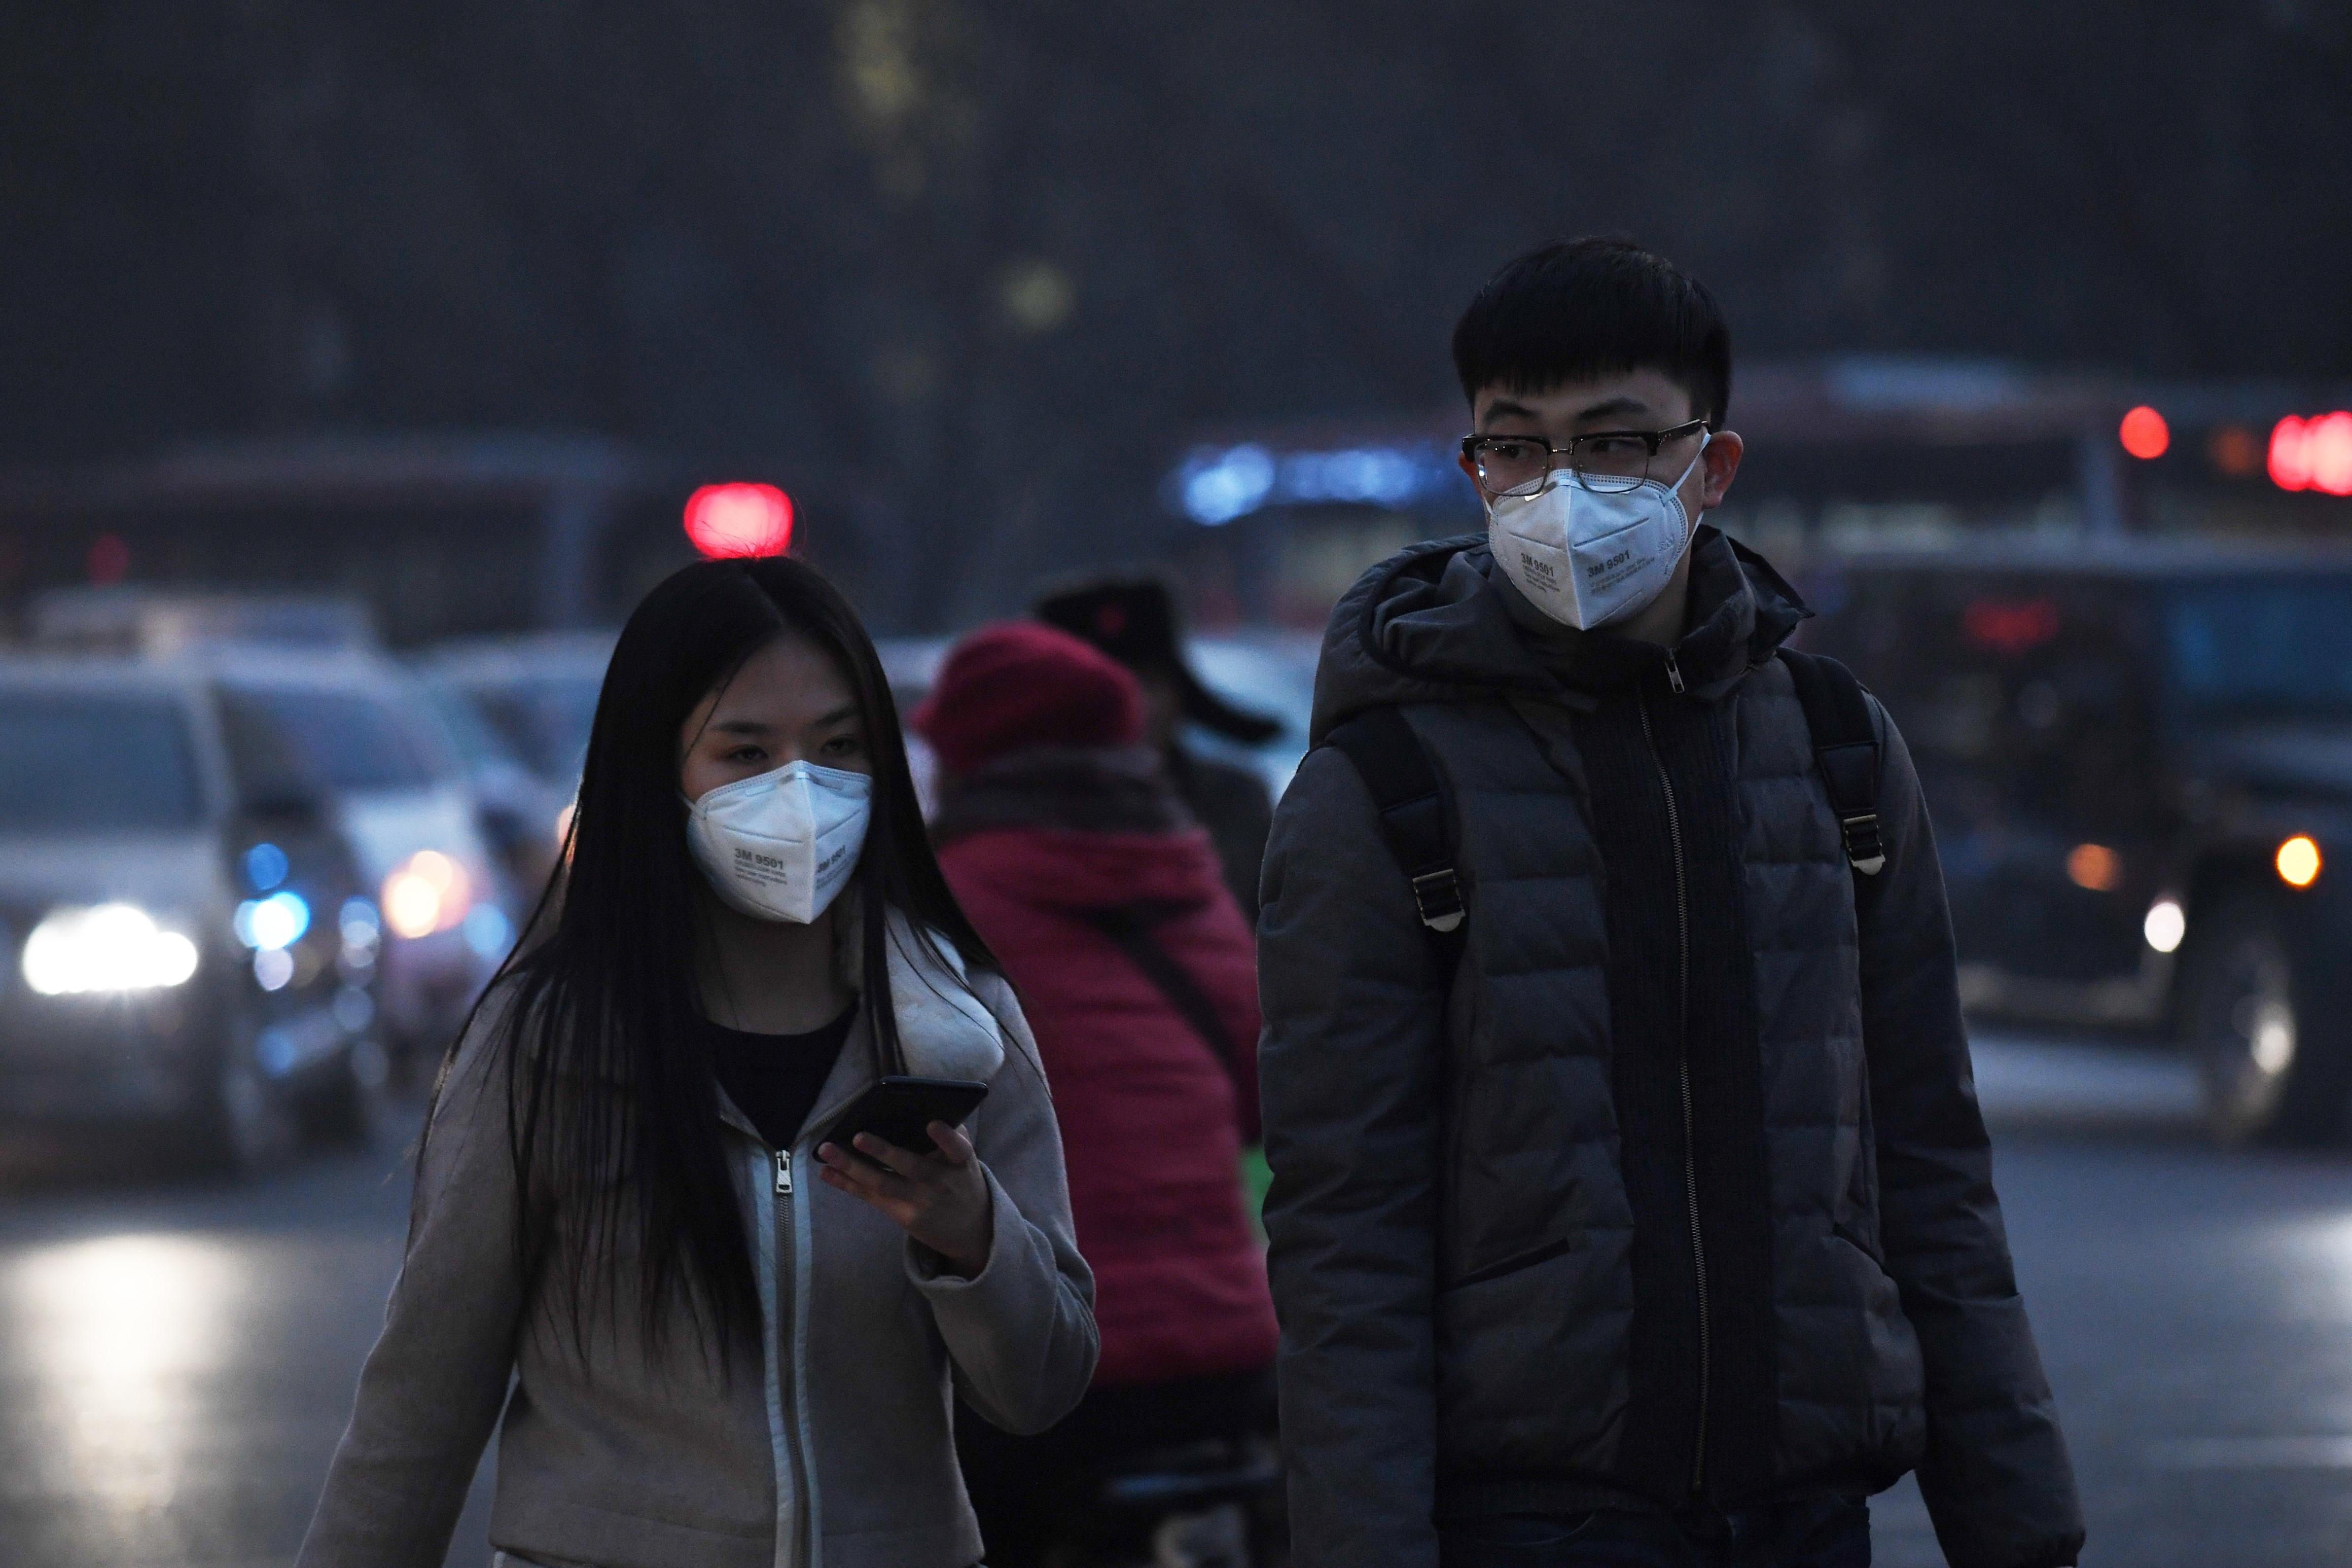 CHINA-ENVIRONMENT-SMOG